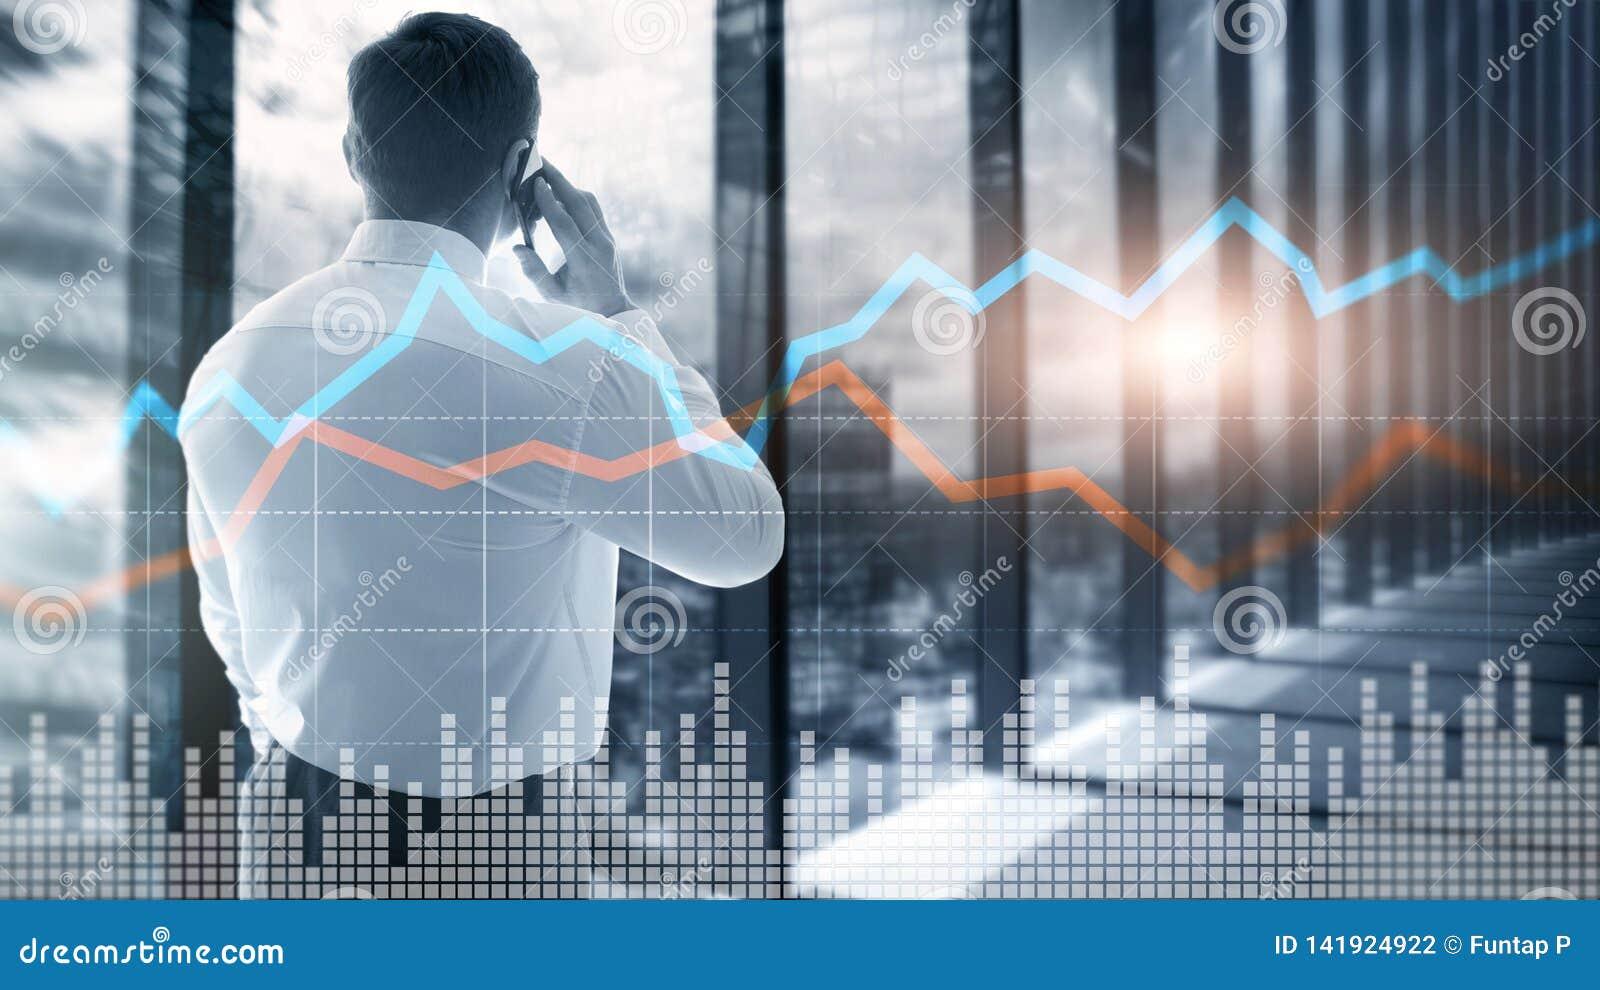 Exposição dobro financeira de tela virtual do gráfico do conceito do investimento de troca do negócio